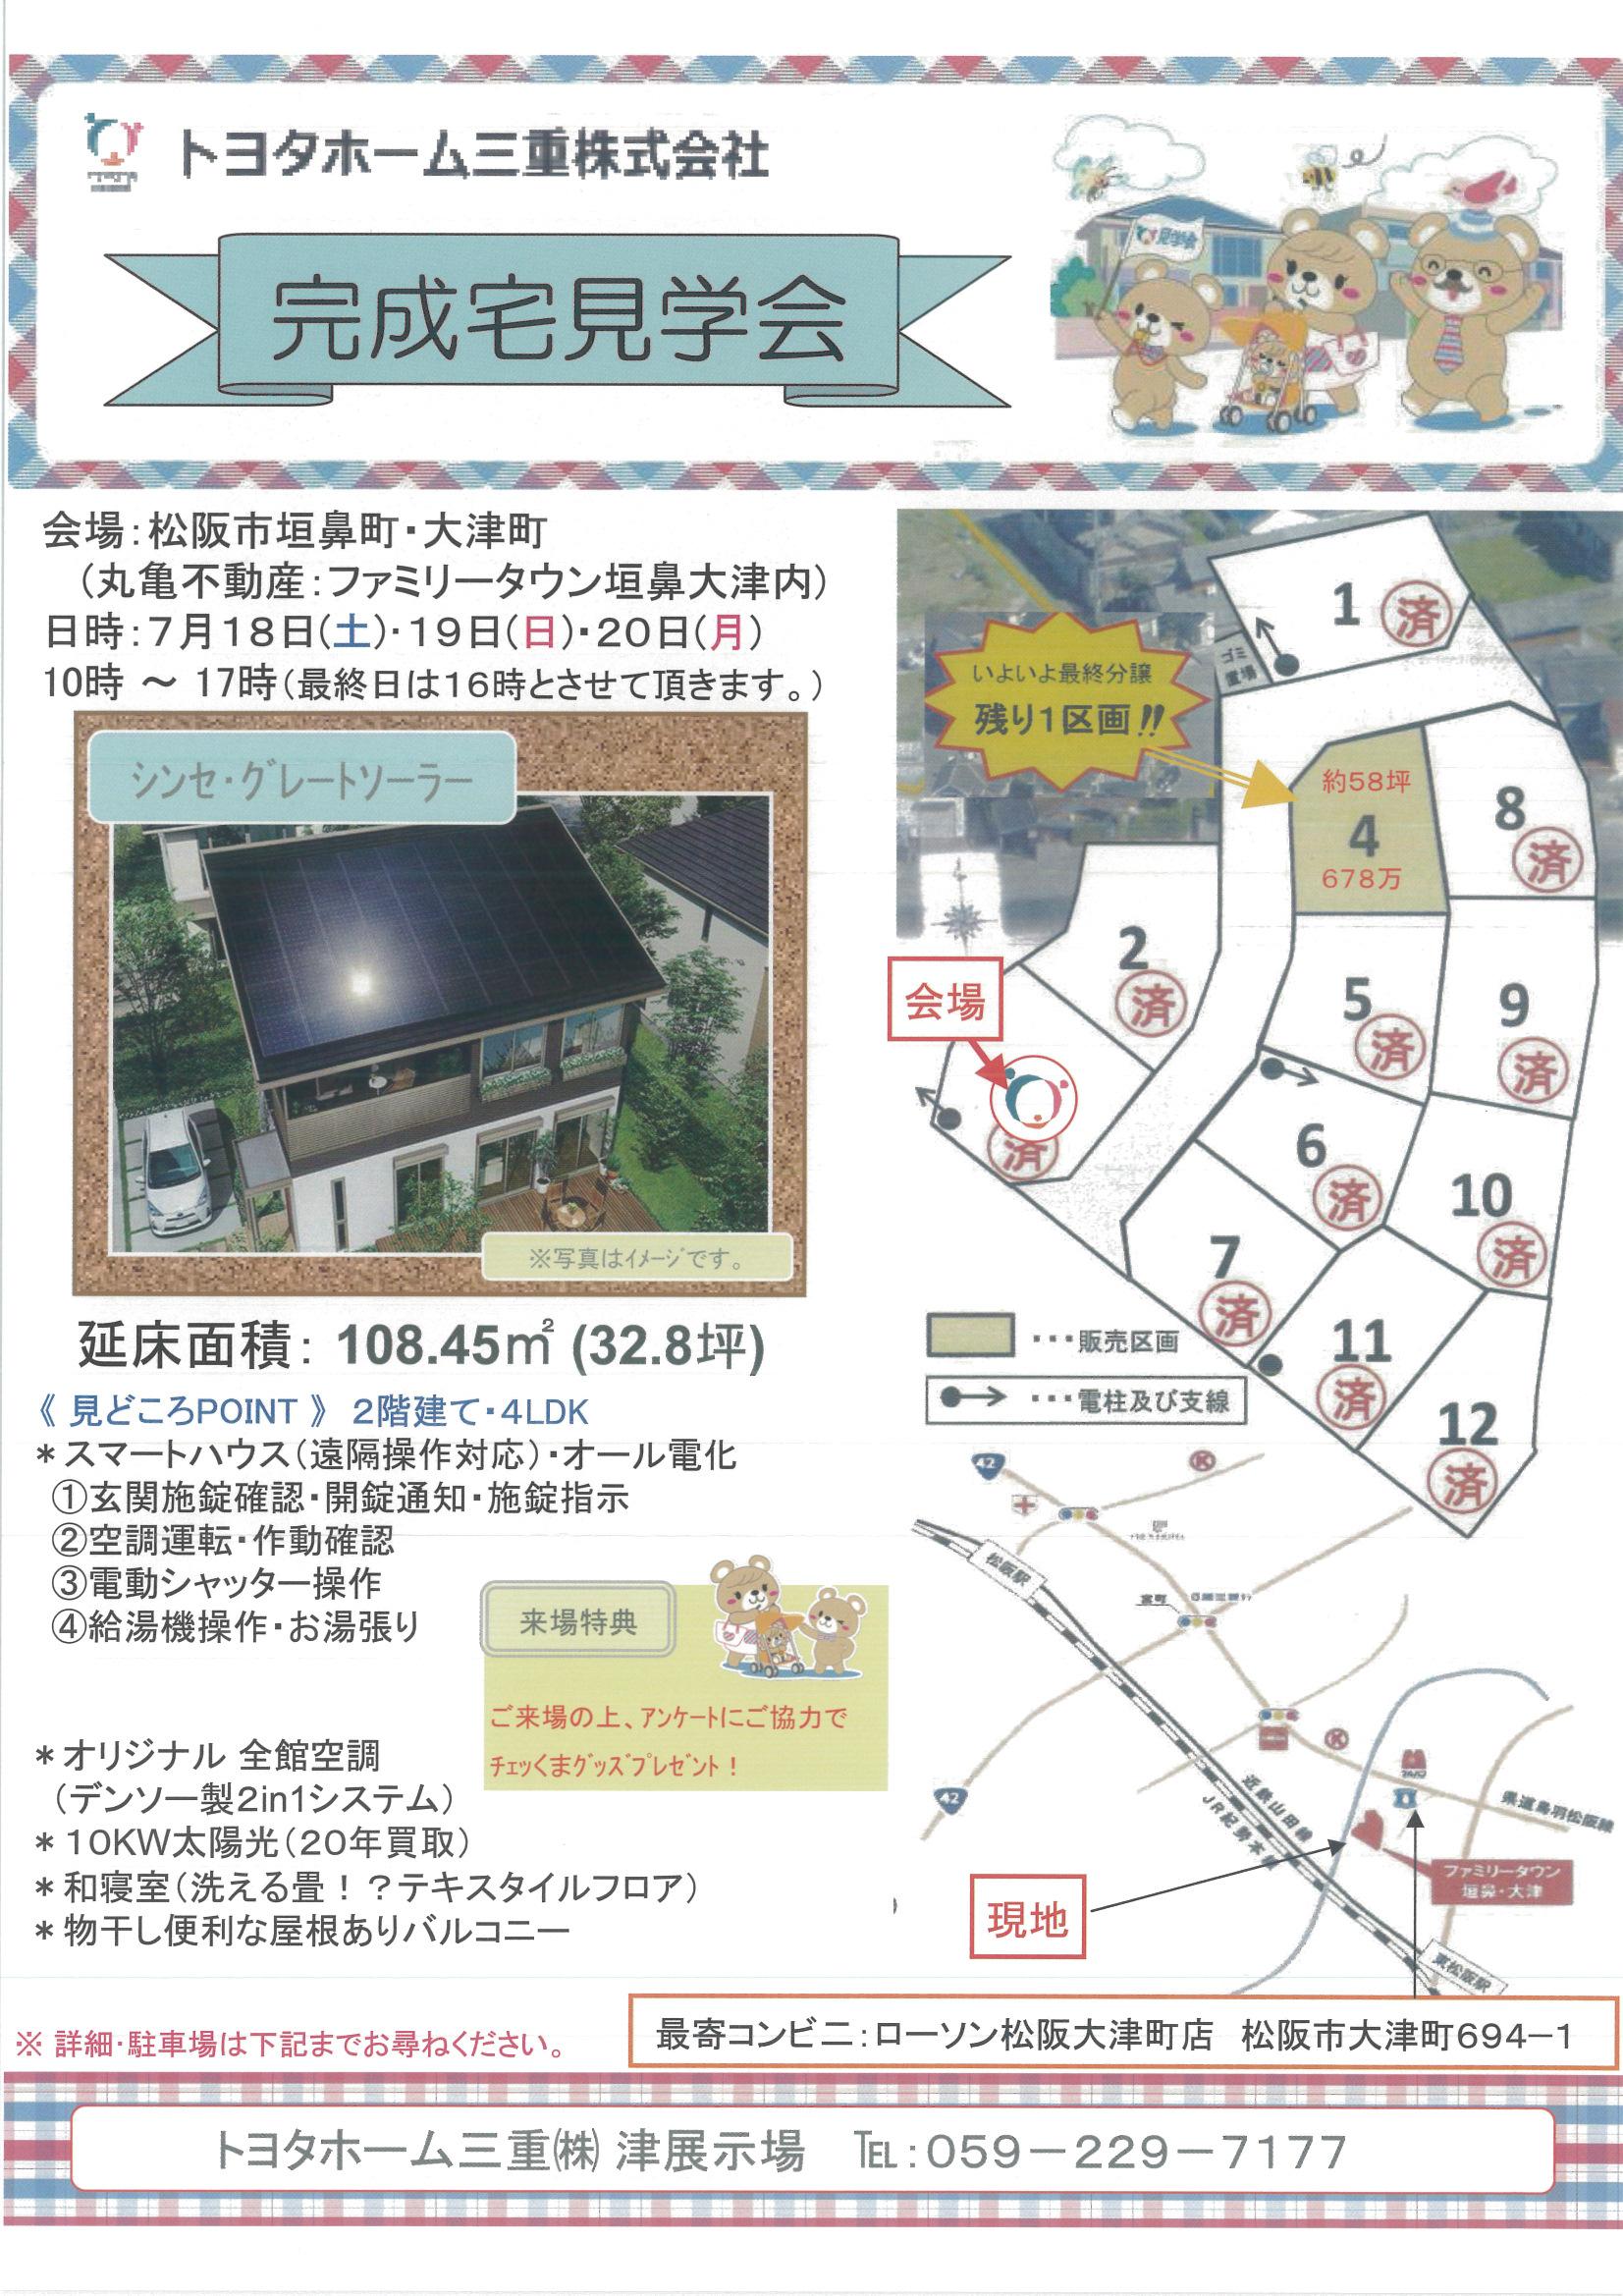 7月18、19、20日トヨタホーム垣鼻大津 見学会